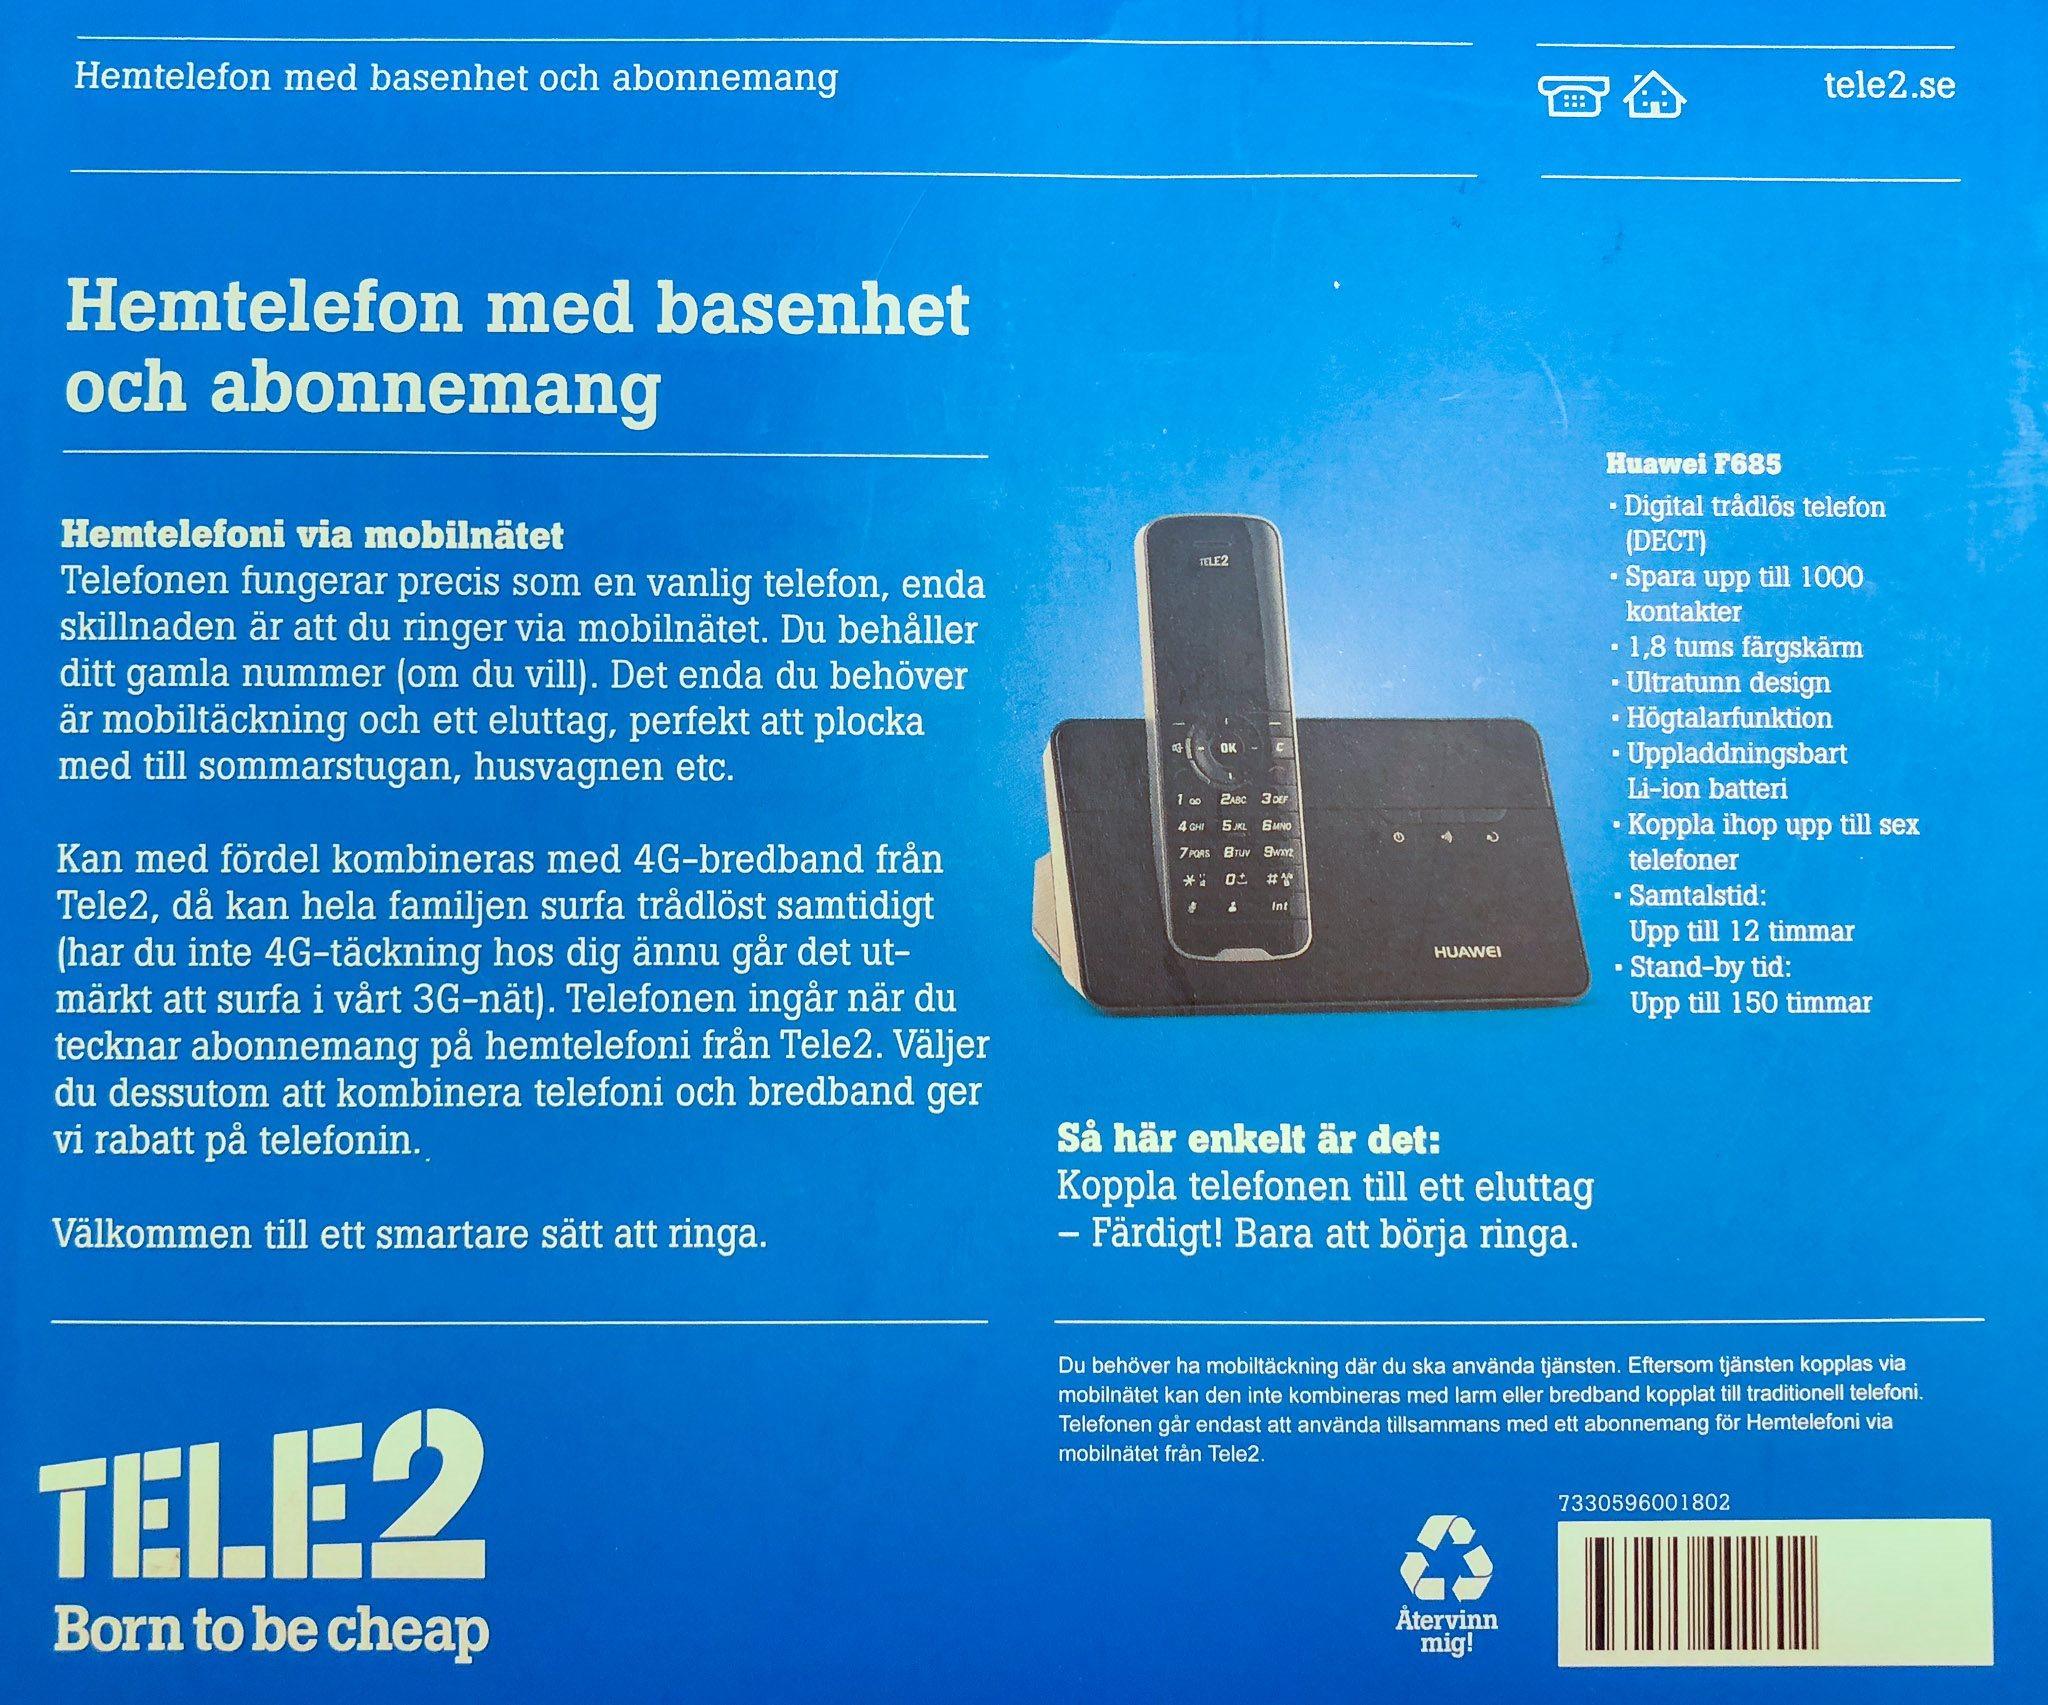 bredband via mobilnätet